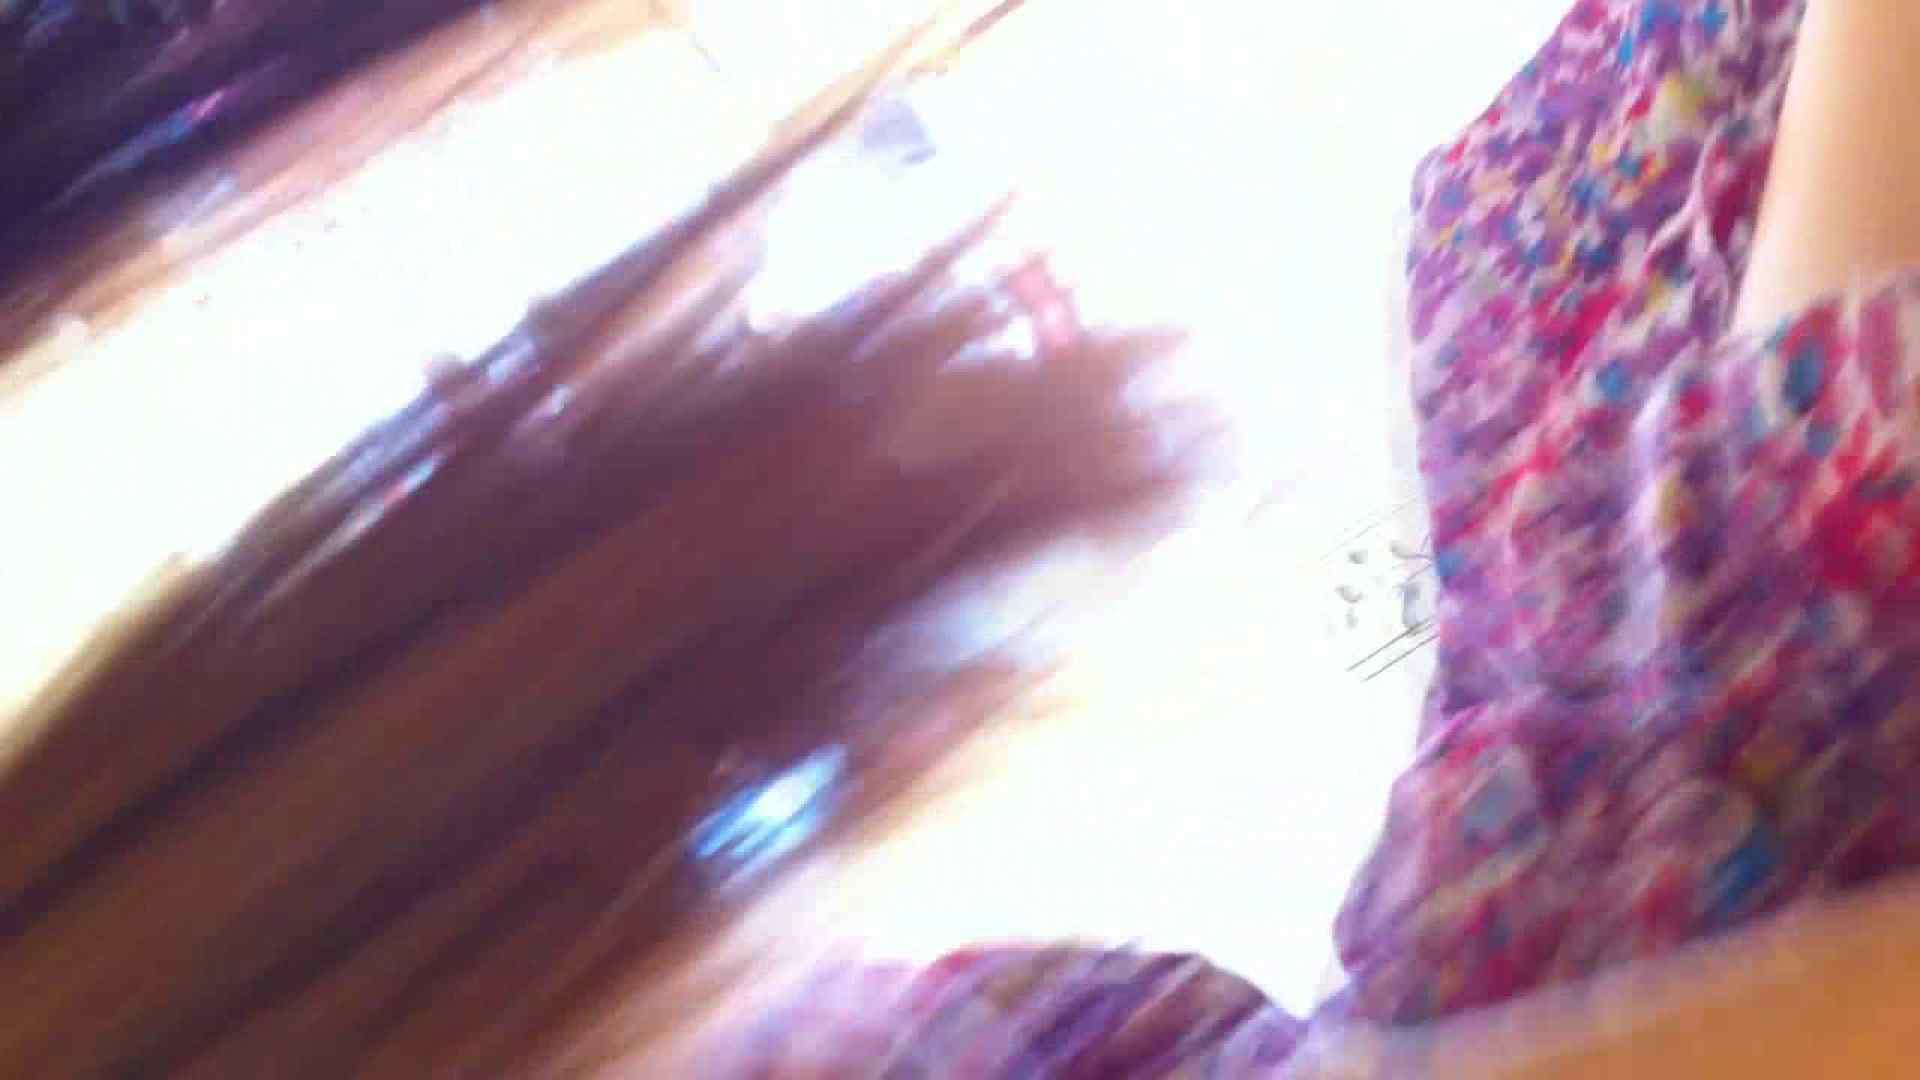 カリスマ店員の胸チラ&パンチラ vol.01 パンチラのぞき オマンコ動画キャプチャ 72画像 33